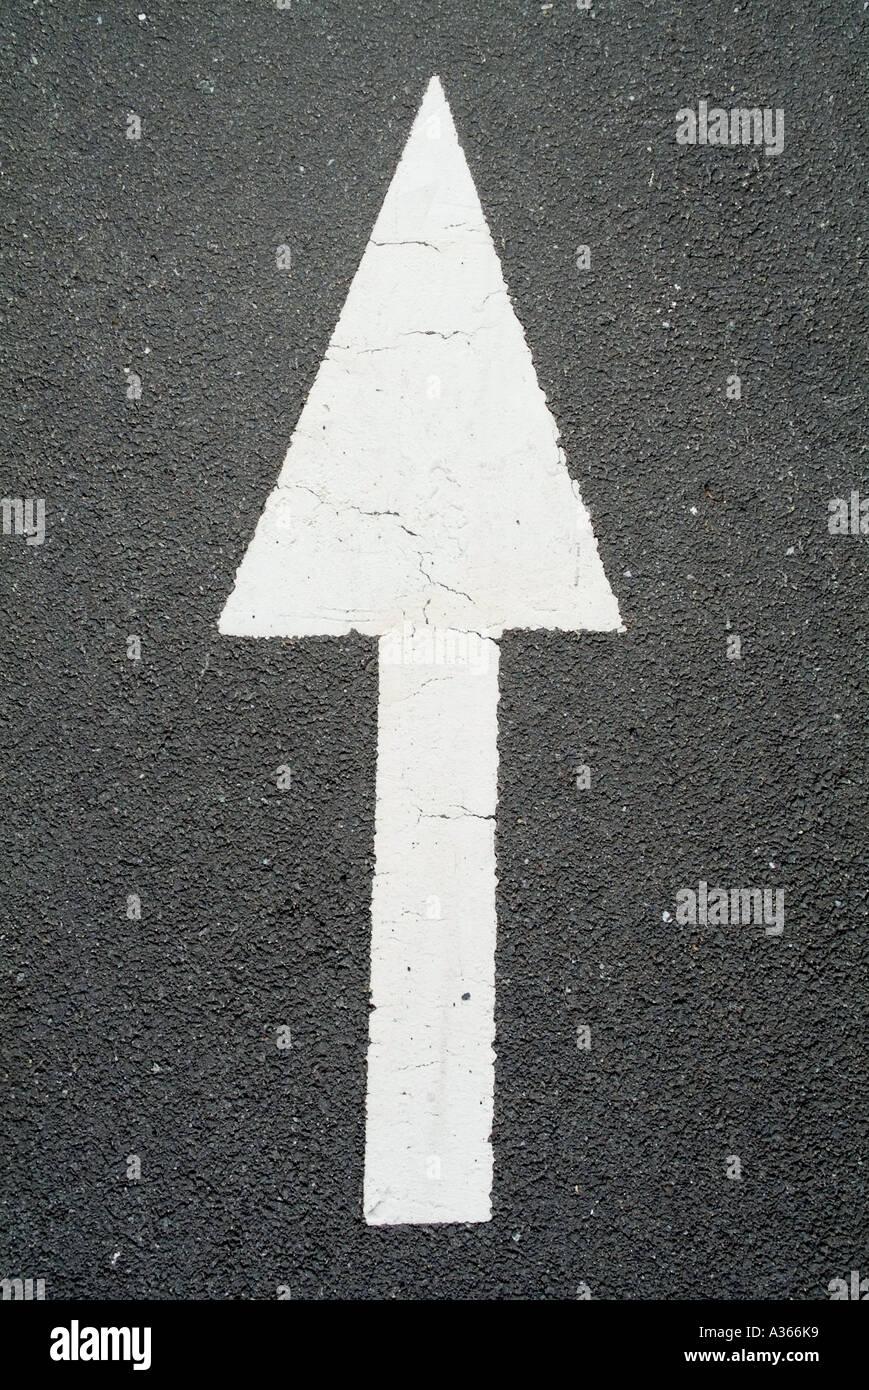 Pfeil-Symbol auf der Straße. Stockbild